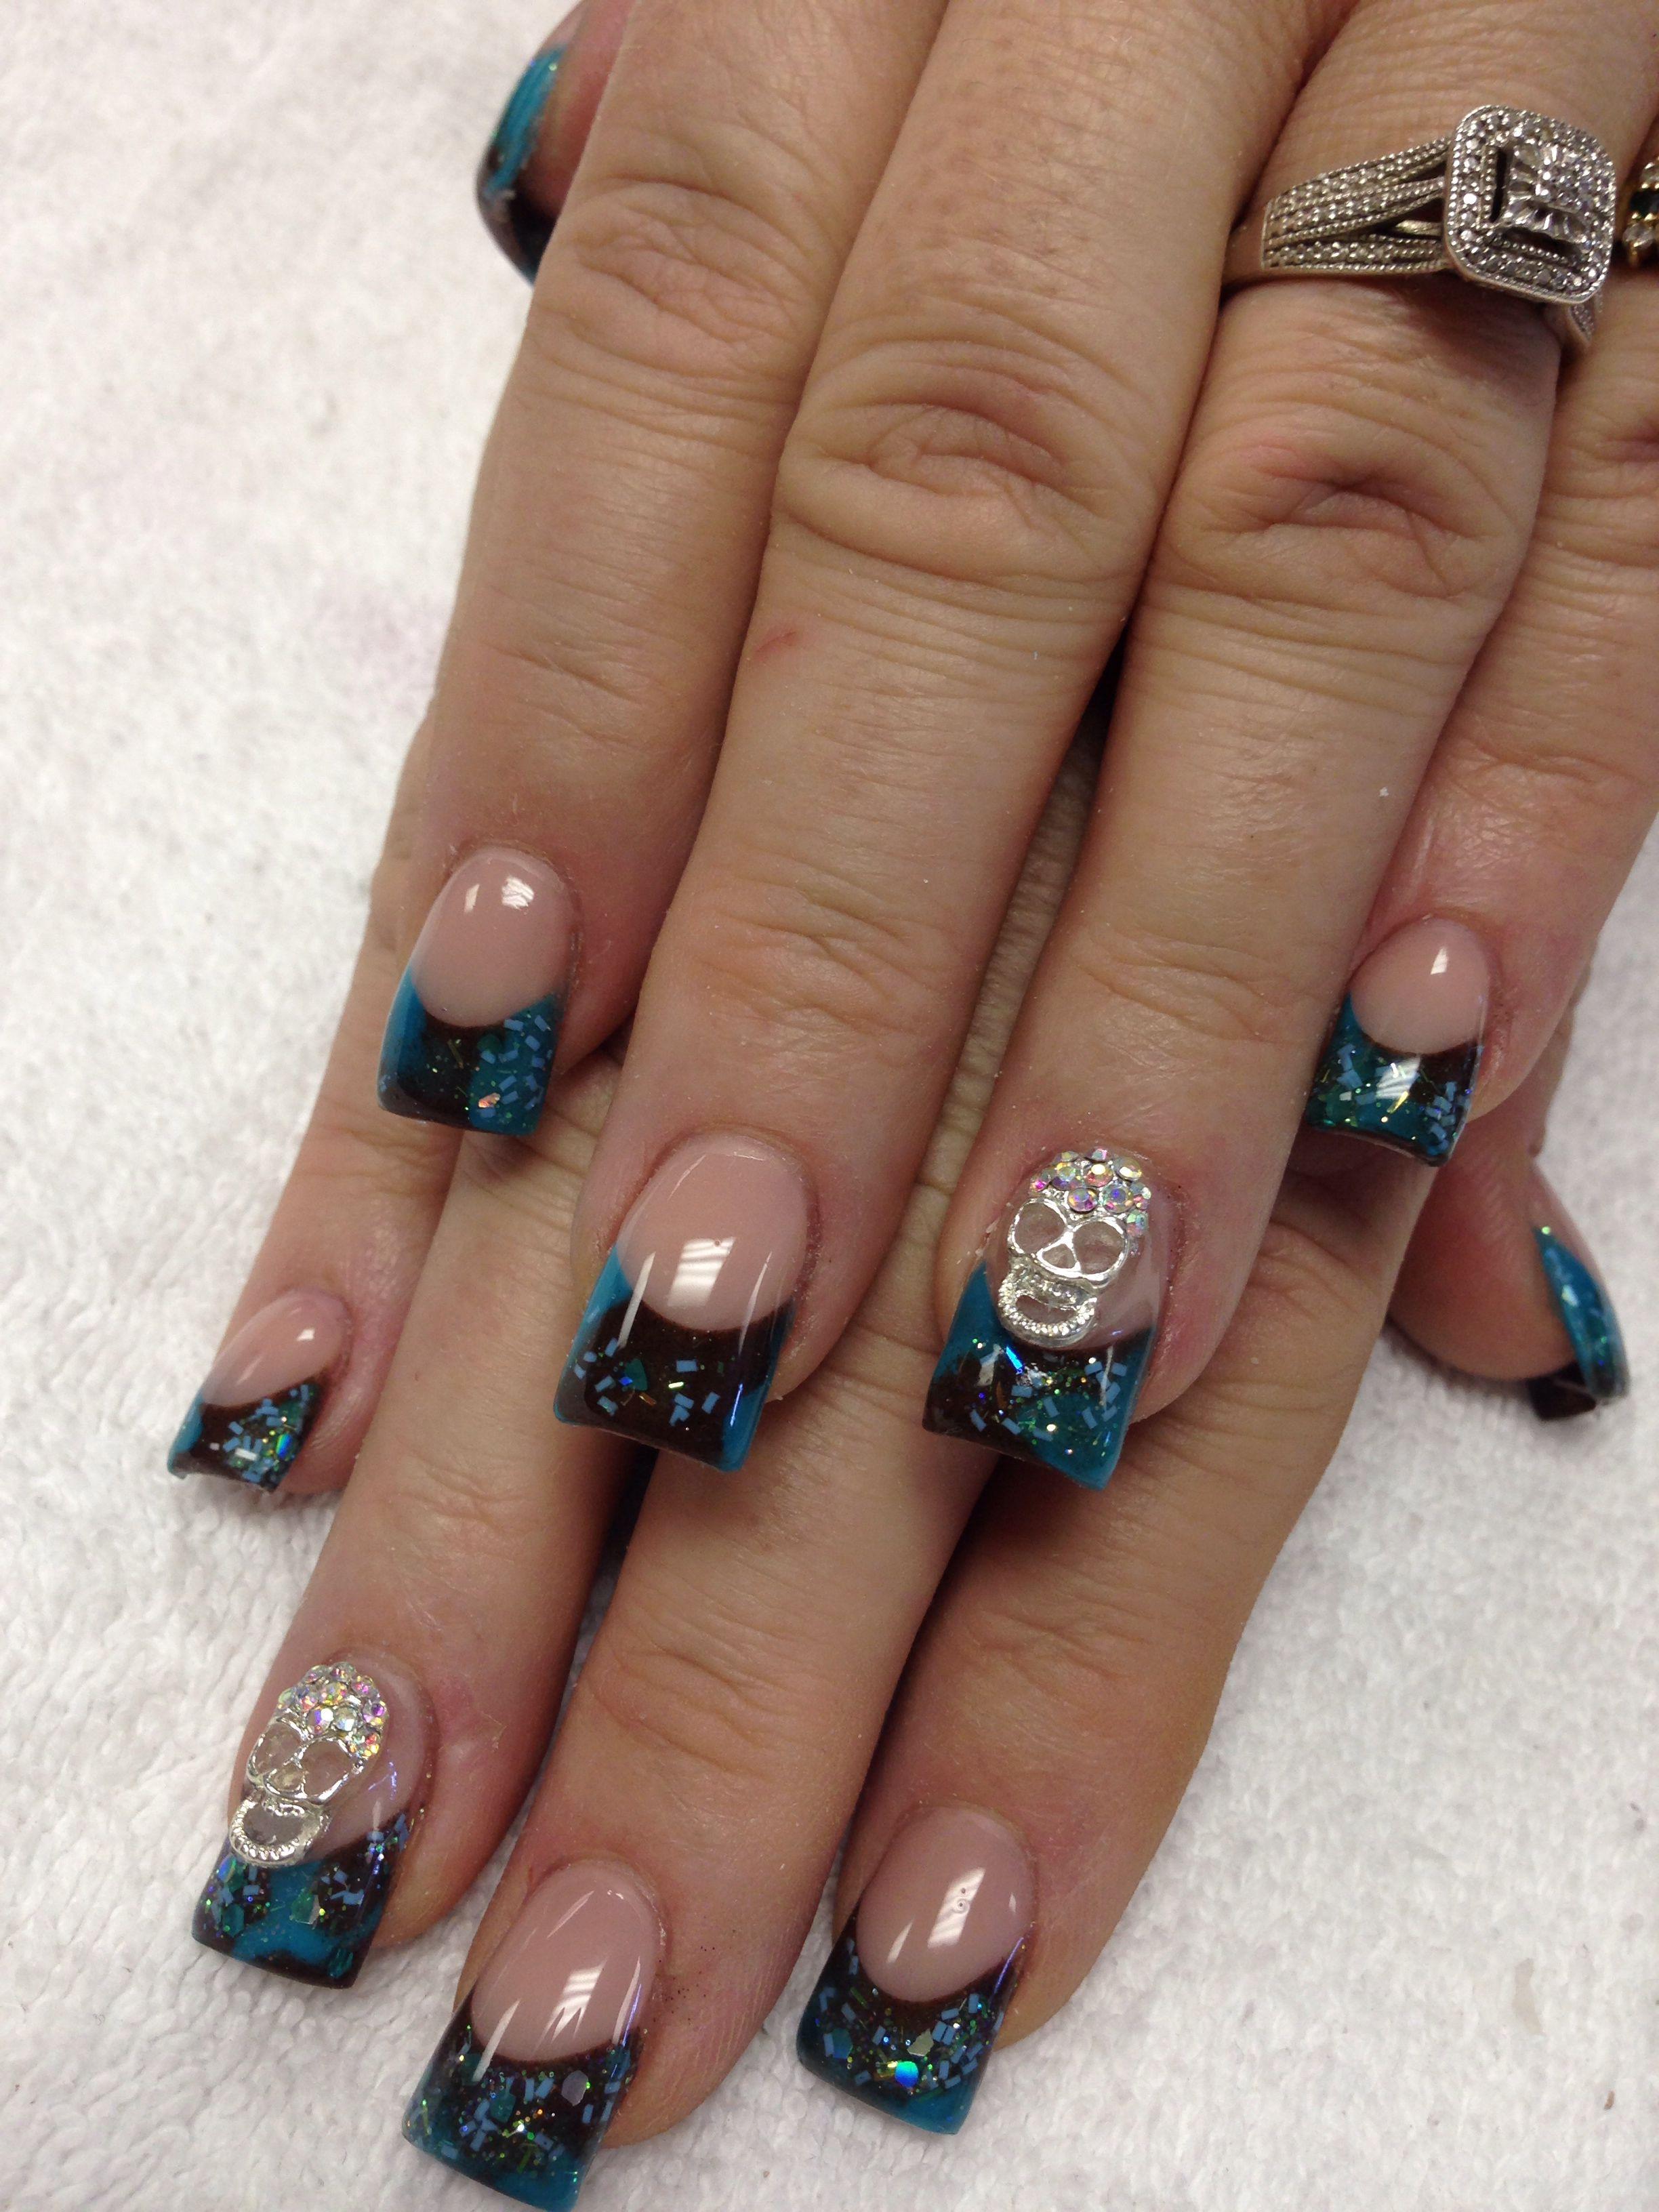 Acrylic nails with skull | Holiday acrylic nails, Makeup nails